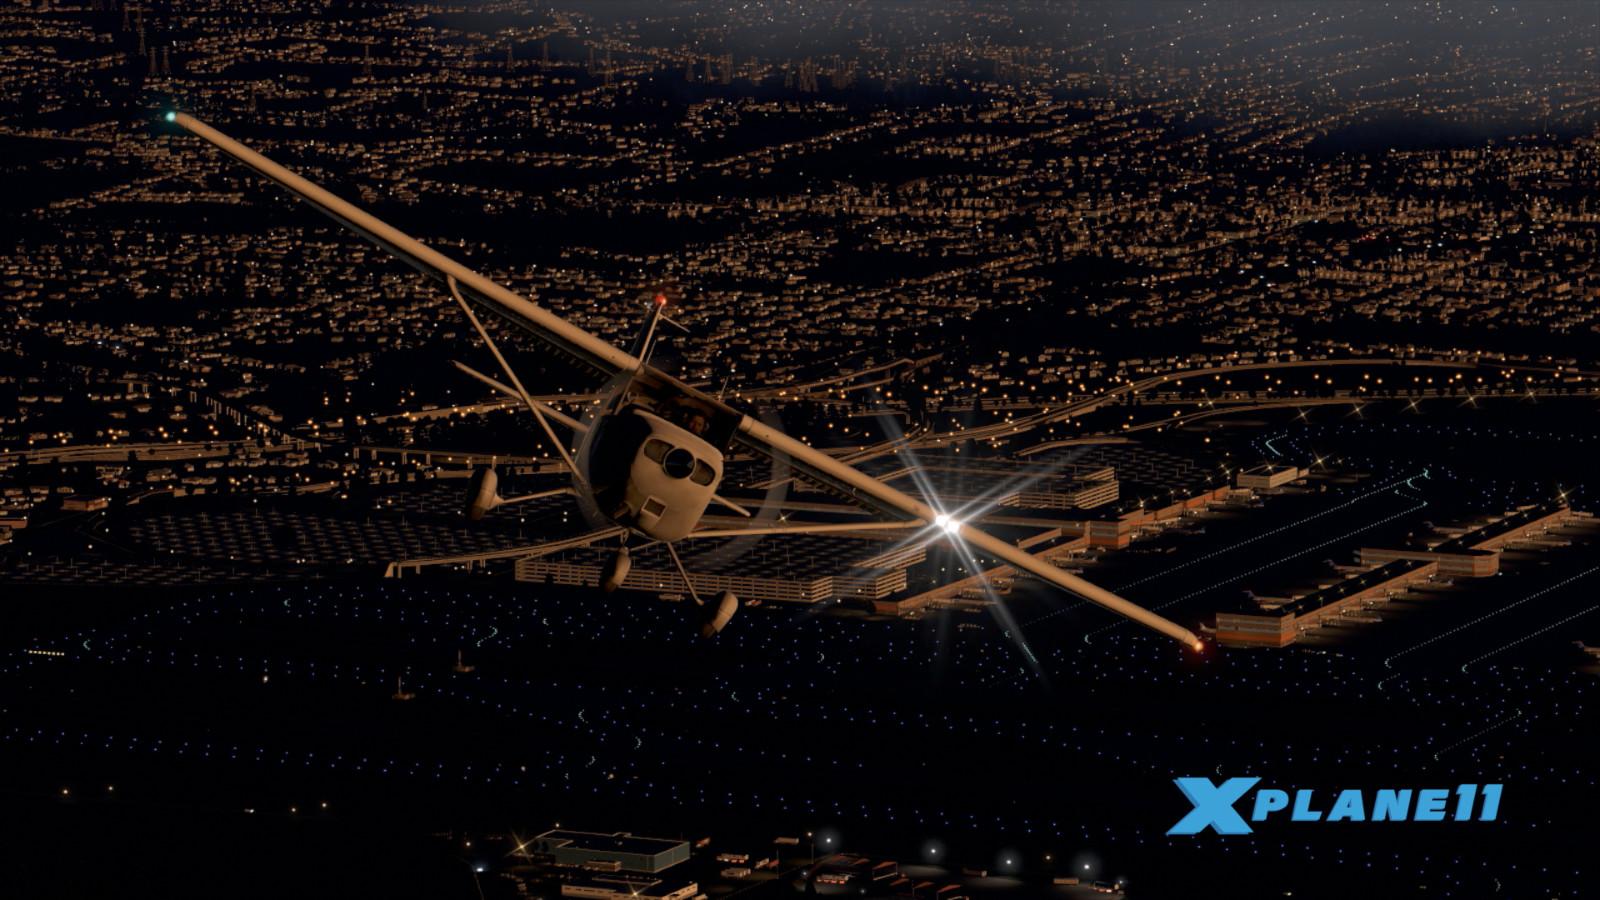 专业模拟飞行11/X-Plane11插图1